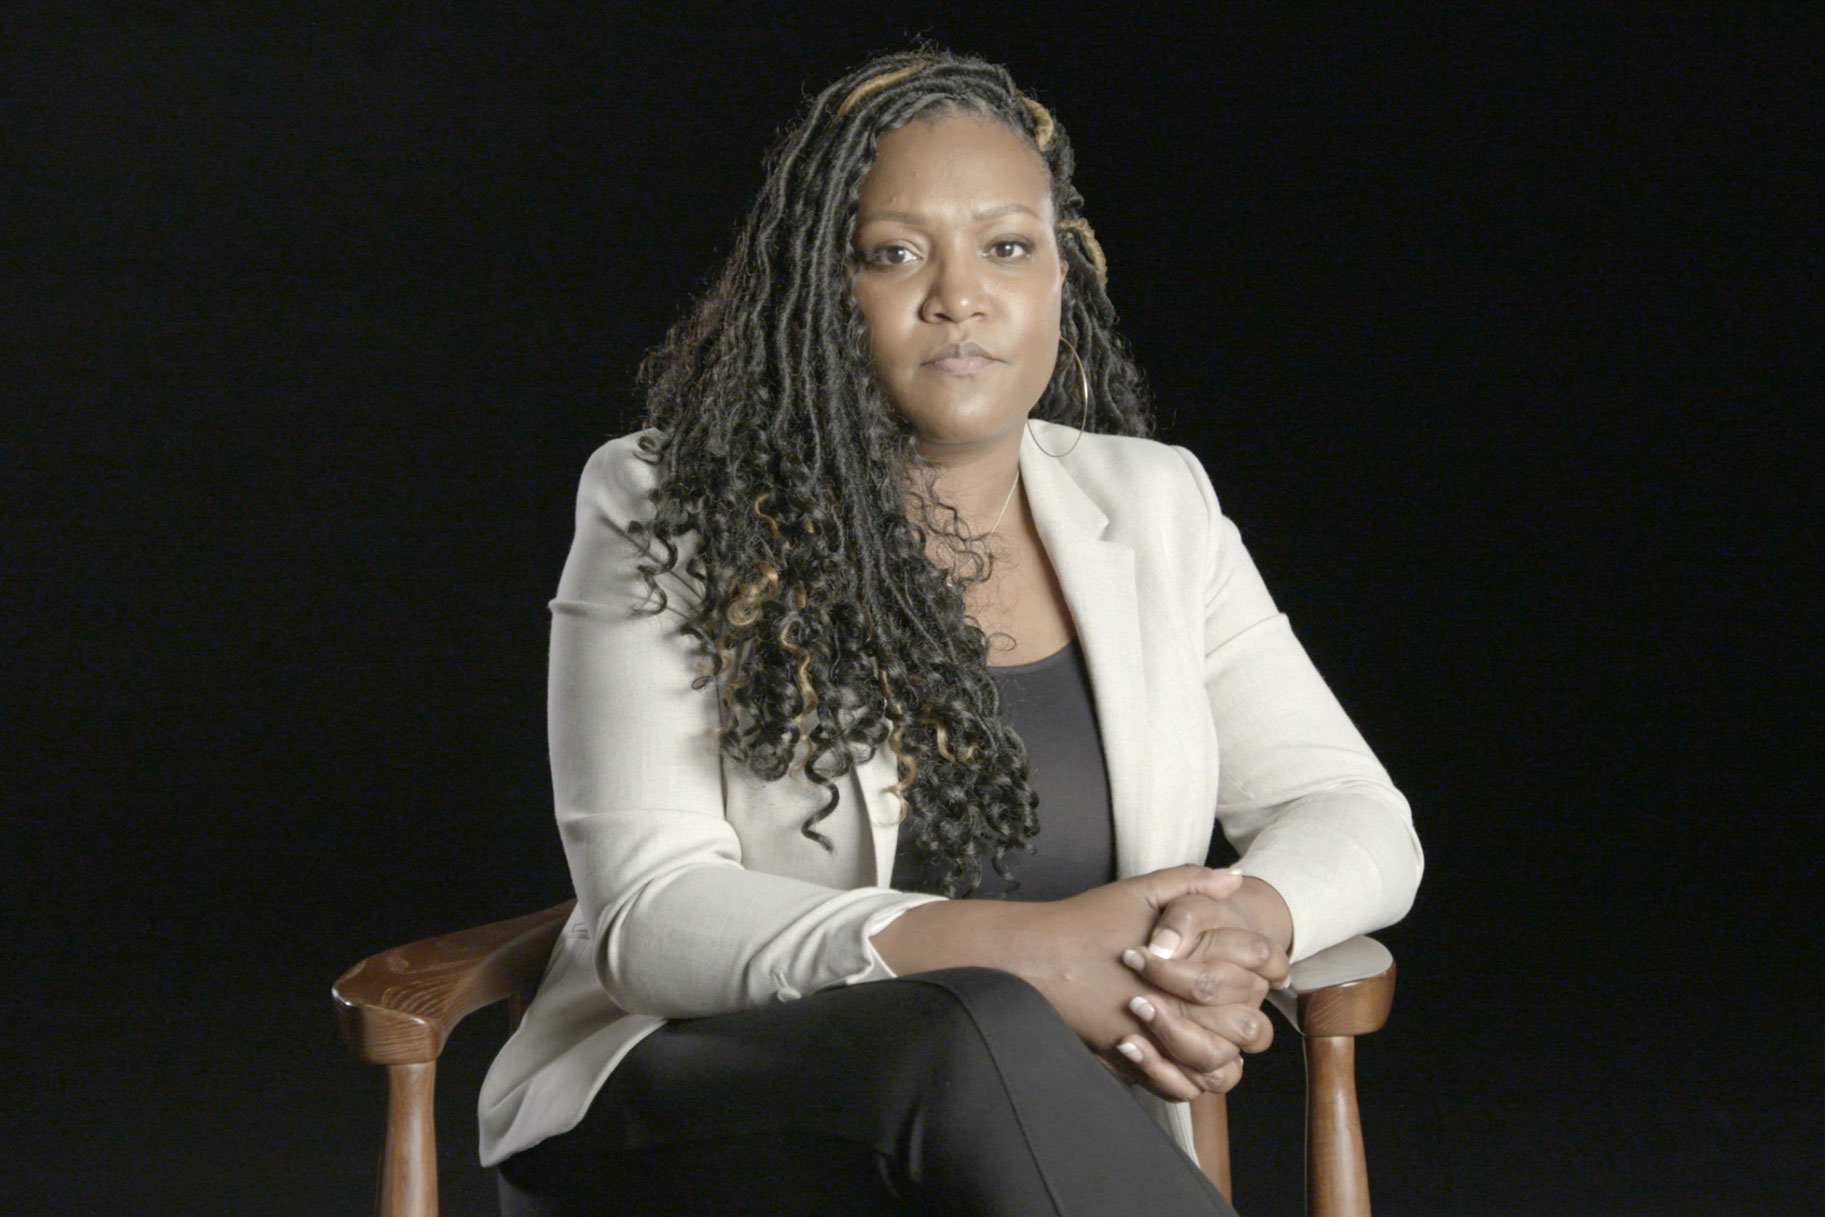 Hvem er Tiffany Hawkins, 'Offer nummer 1', som R. Kelly angiveligt omtalte som 'kabelpigen'?